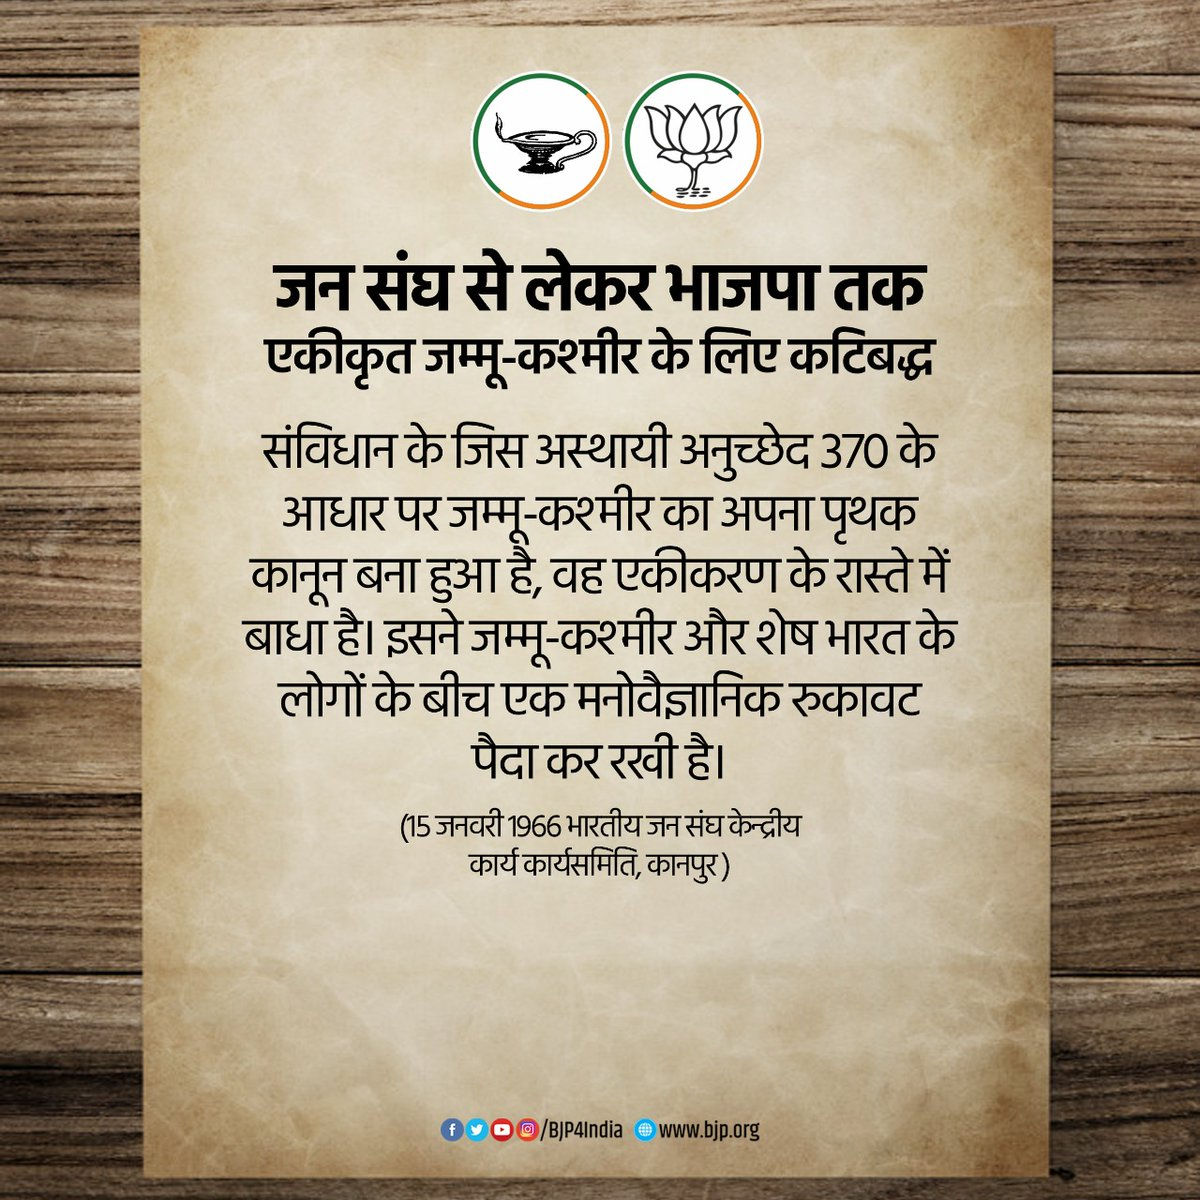 संविधान के अस्थायी अनुच्छेद 370 के आधार पर जम्मू-कश्मीर का पृथक कानून बना है, वह एकीकरण के रास्ते में बाधा है। इसने जम्मू-कश्मीर और शेष भारत के लोगों के बीच एक मनोवैज्ञानिक रुकावट पैदा कर रखी है। - 15 जनवरी 1966, भारतीय जन संघ केन्द्रीय कार्य कार्यसमिति #OneYearOfNoArticle370